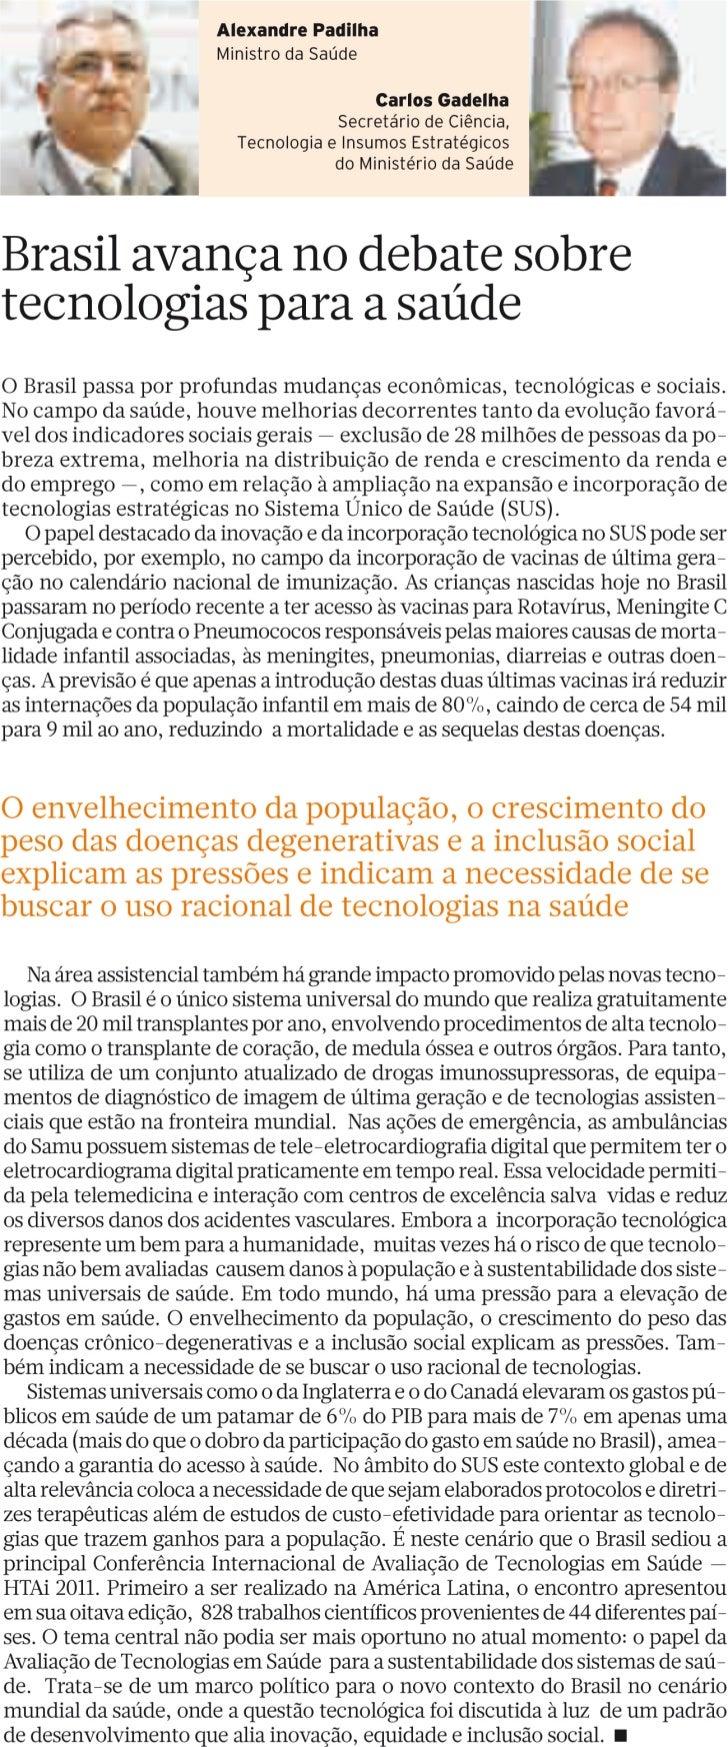 Brasil avança no debate sobre tecnologias para a saúde